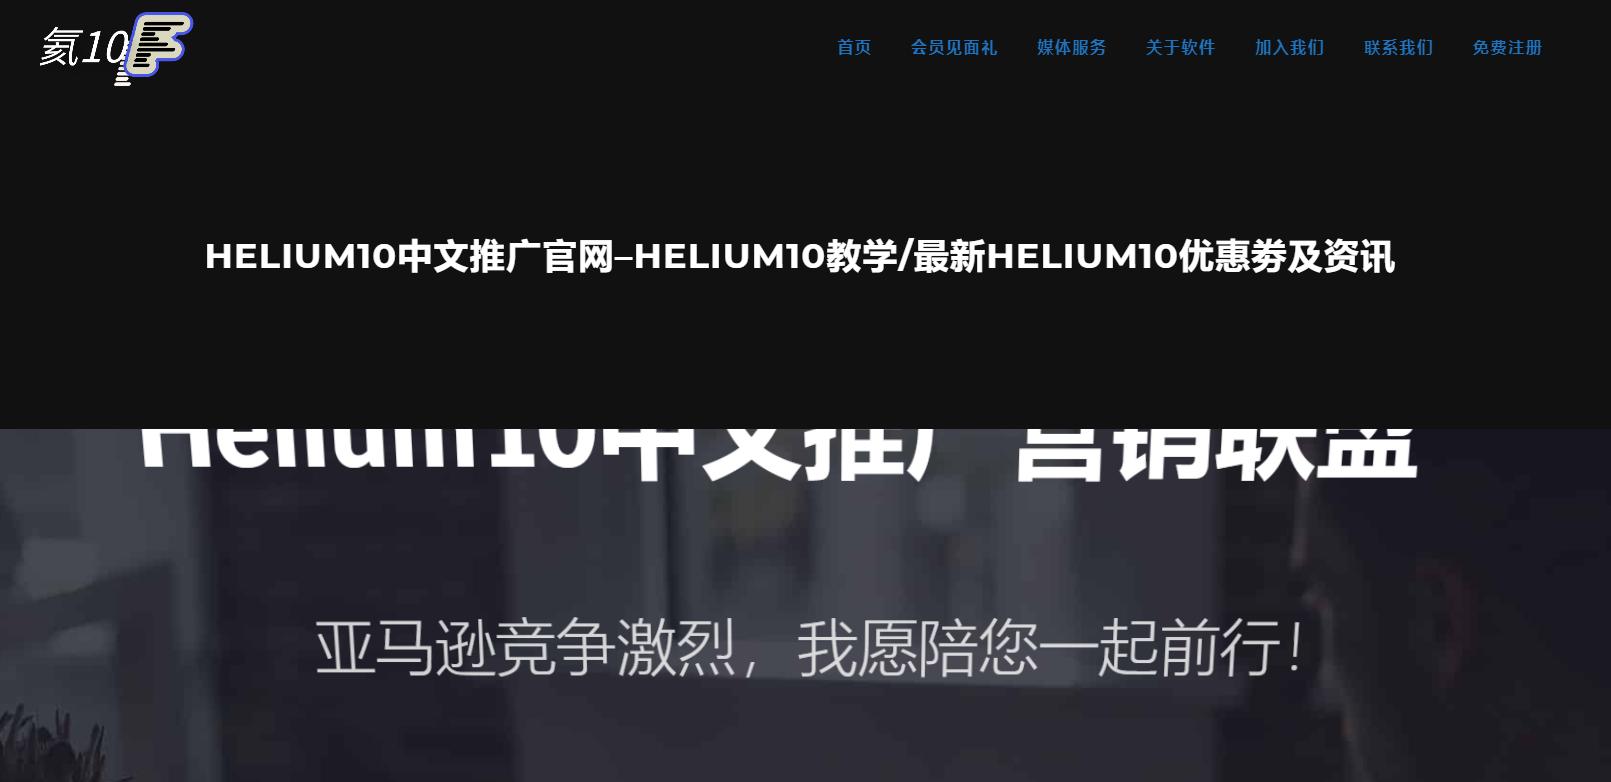 HELIUM10中文网